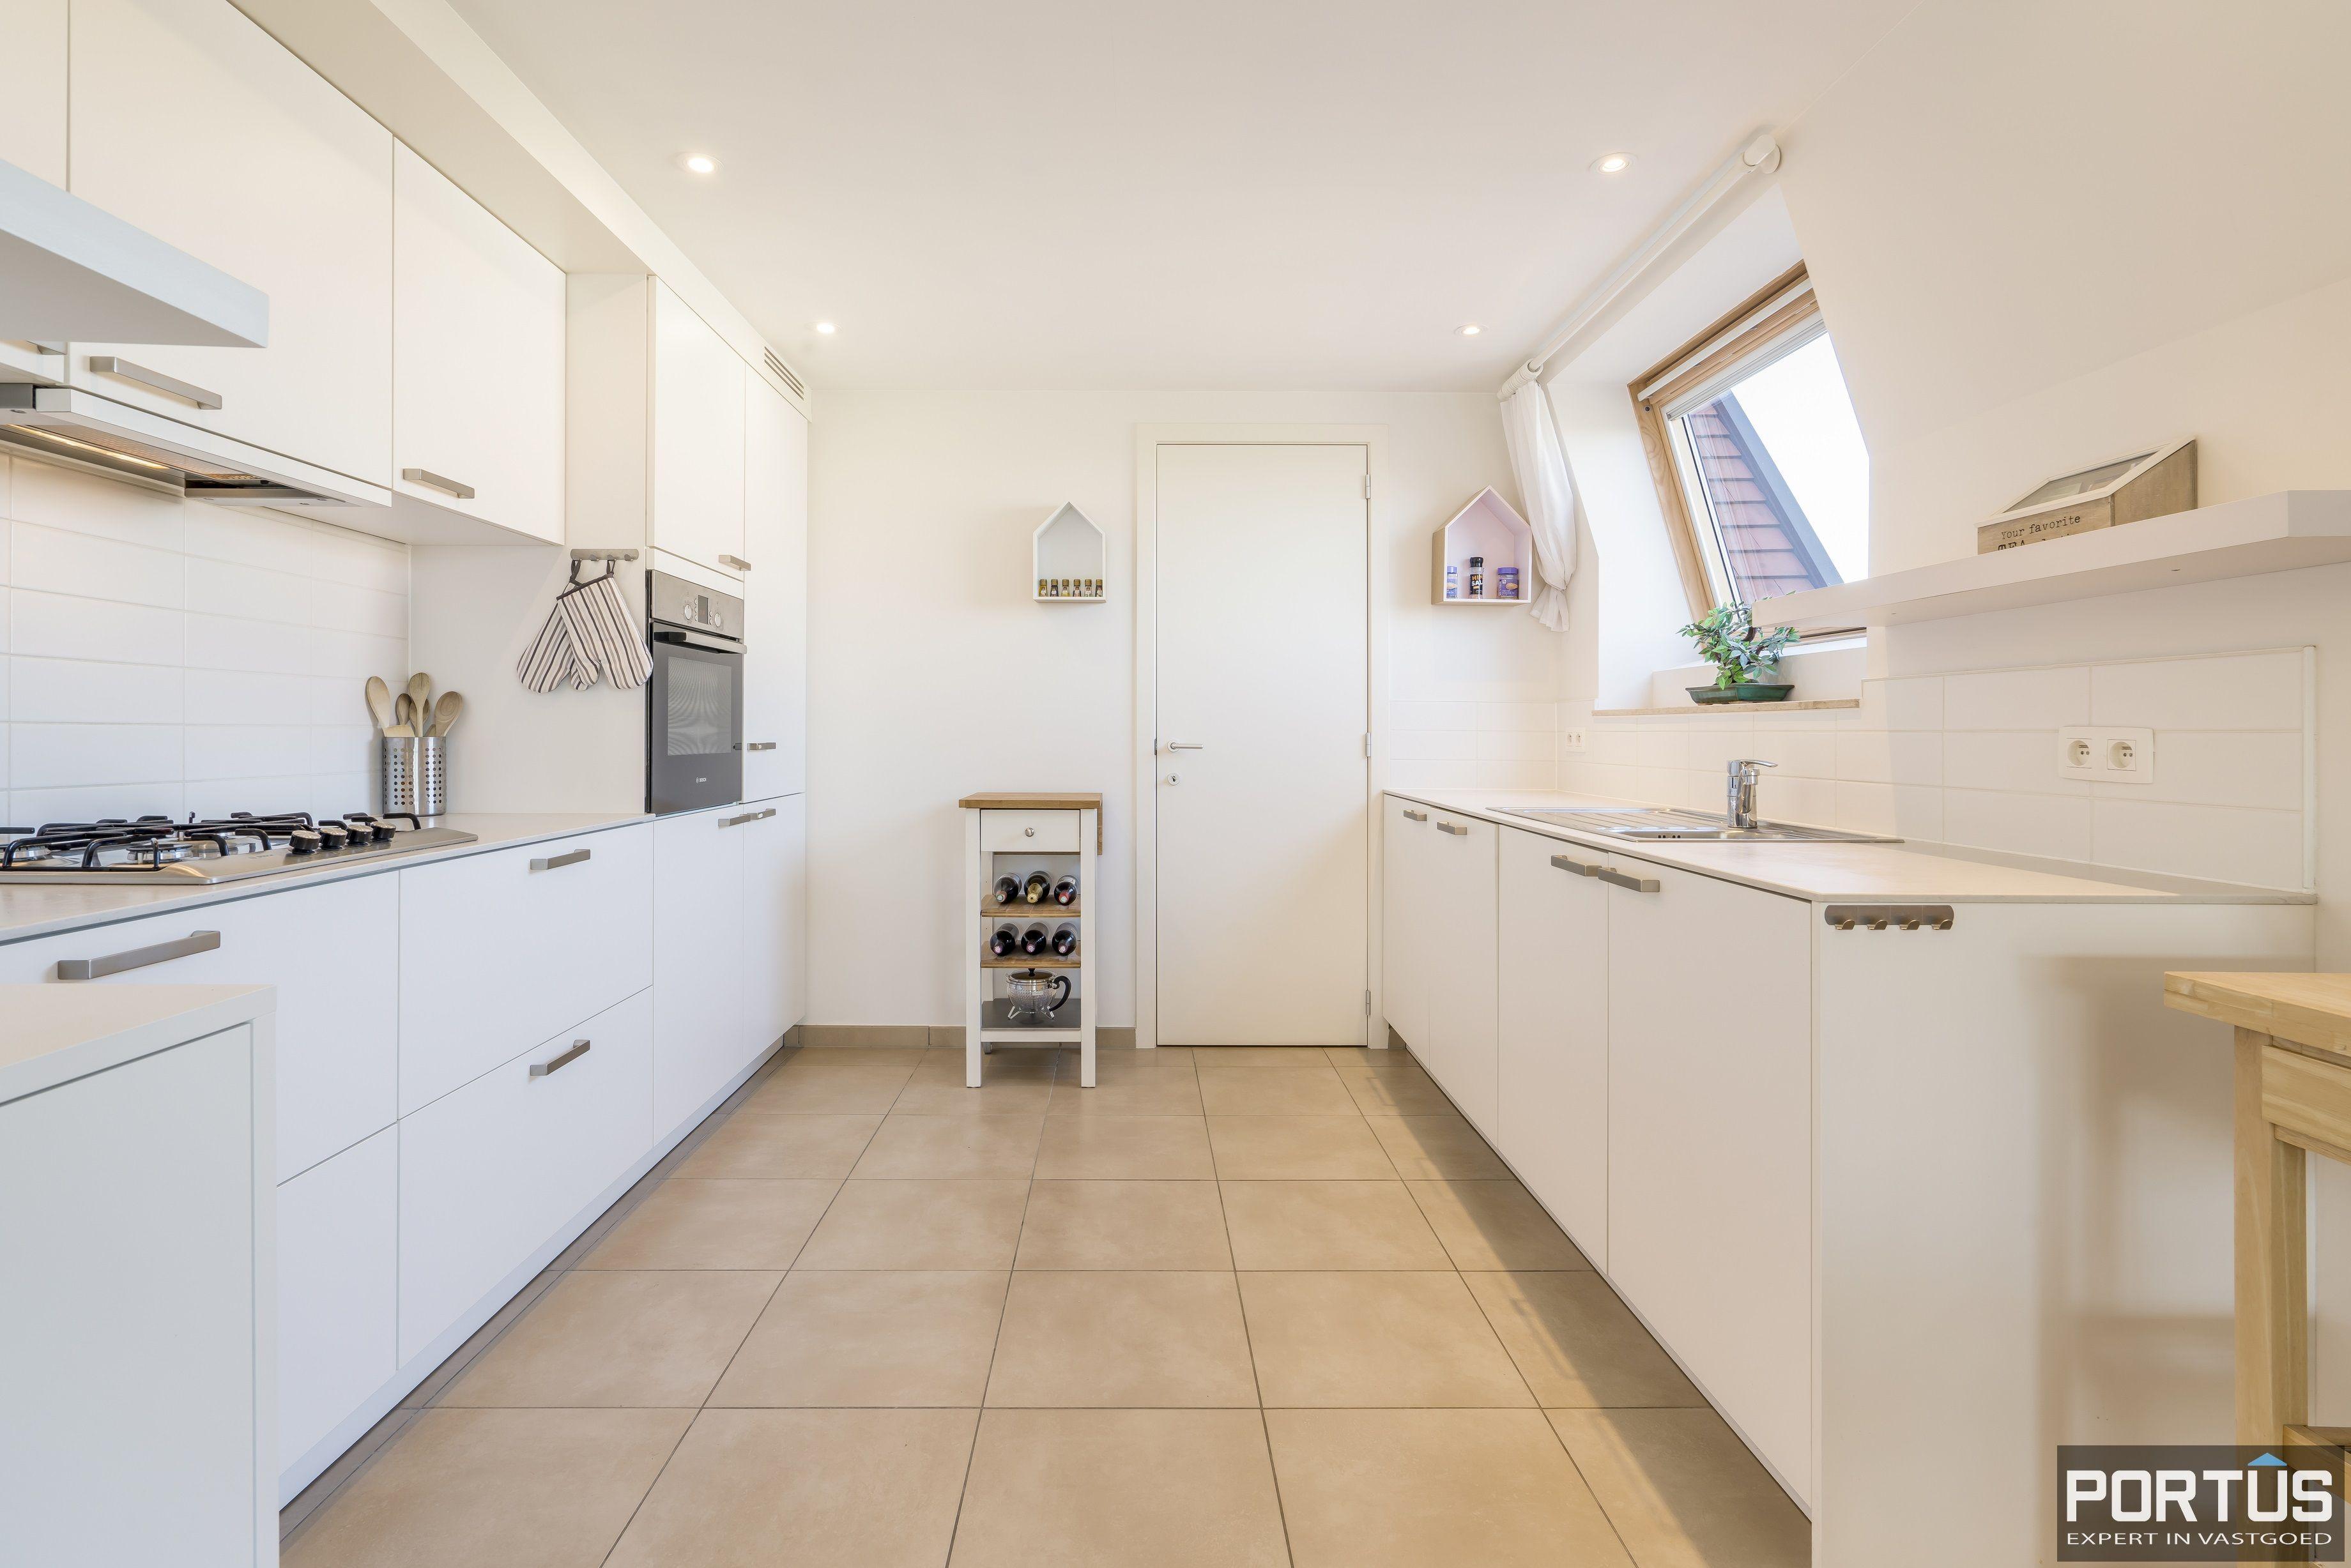 Instapklaar appartement te koop met prachtig zicht op Maritiem park te Nieuwpoort - 12577